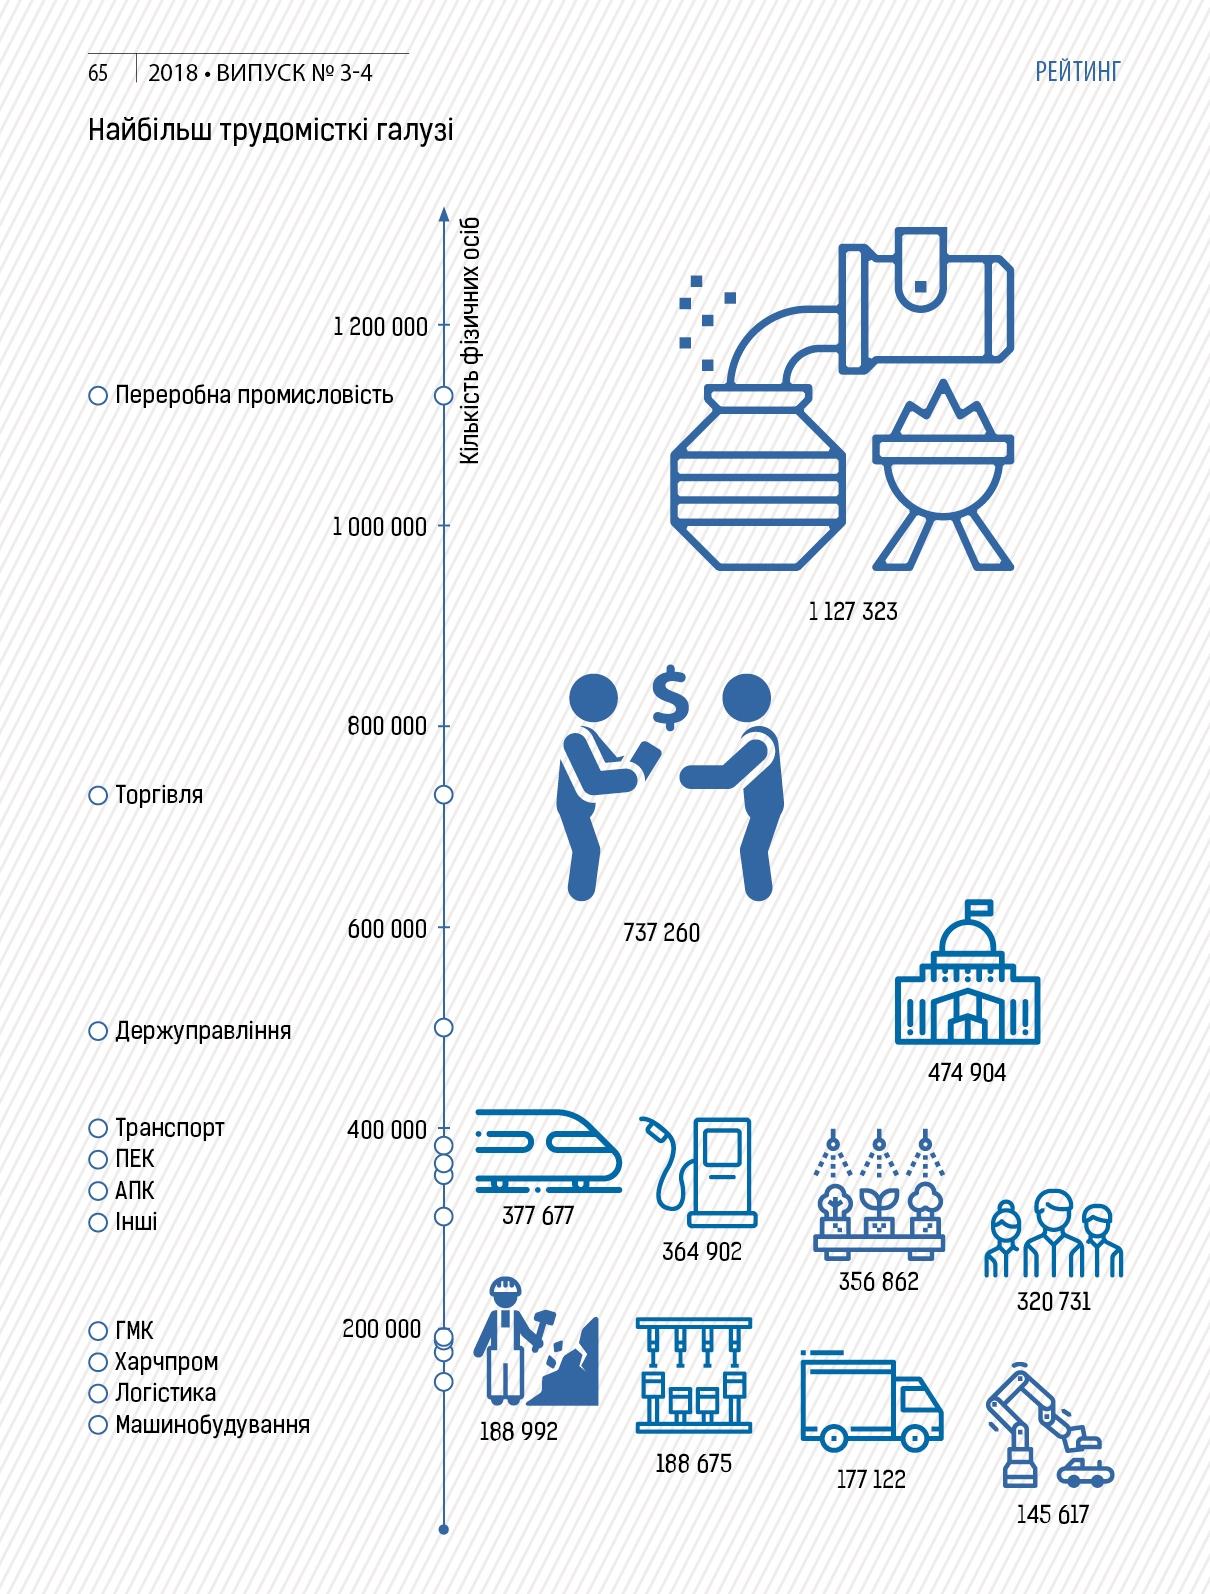 Журнал «Рейтинг» сообщил о распределении рабочих мест в Украине - фото 2